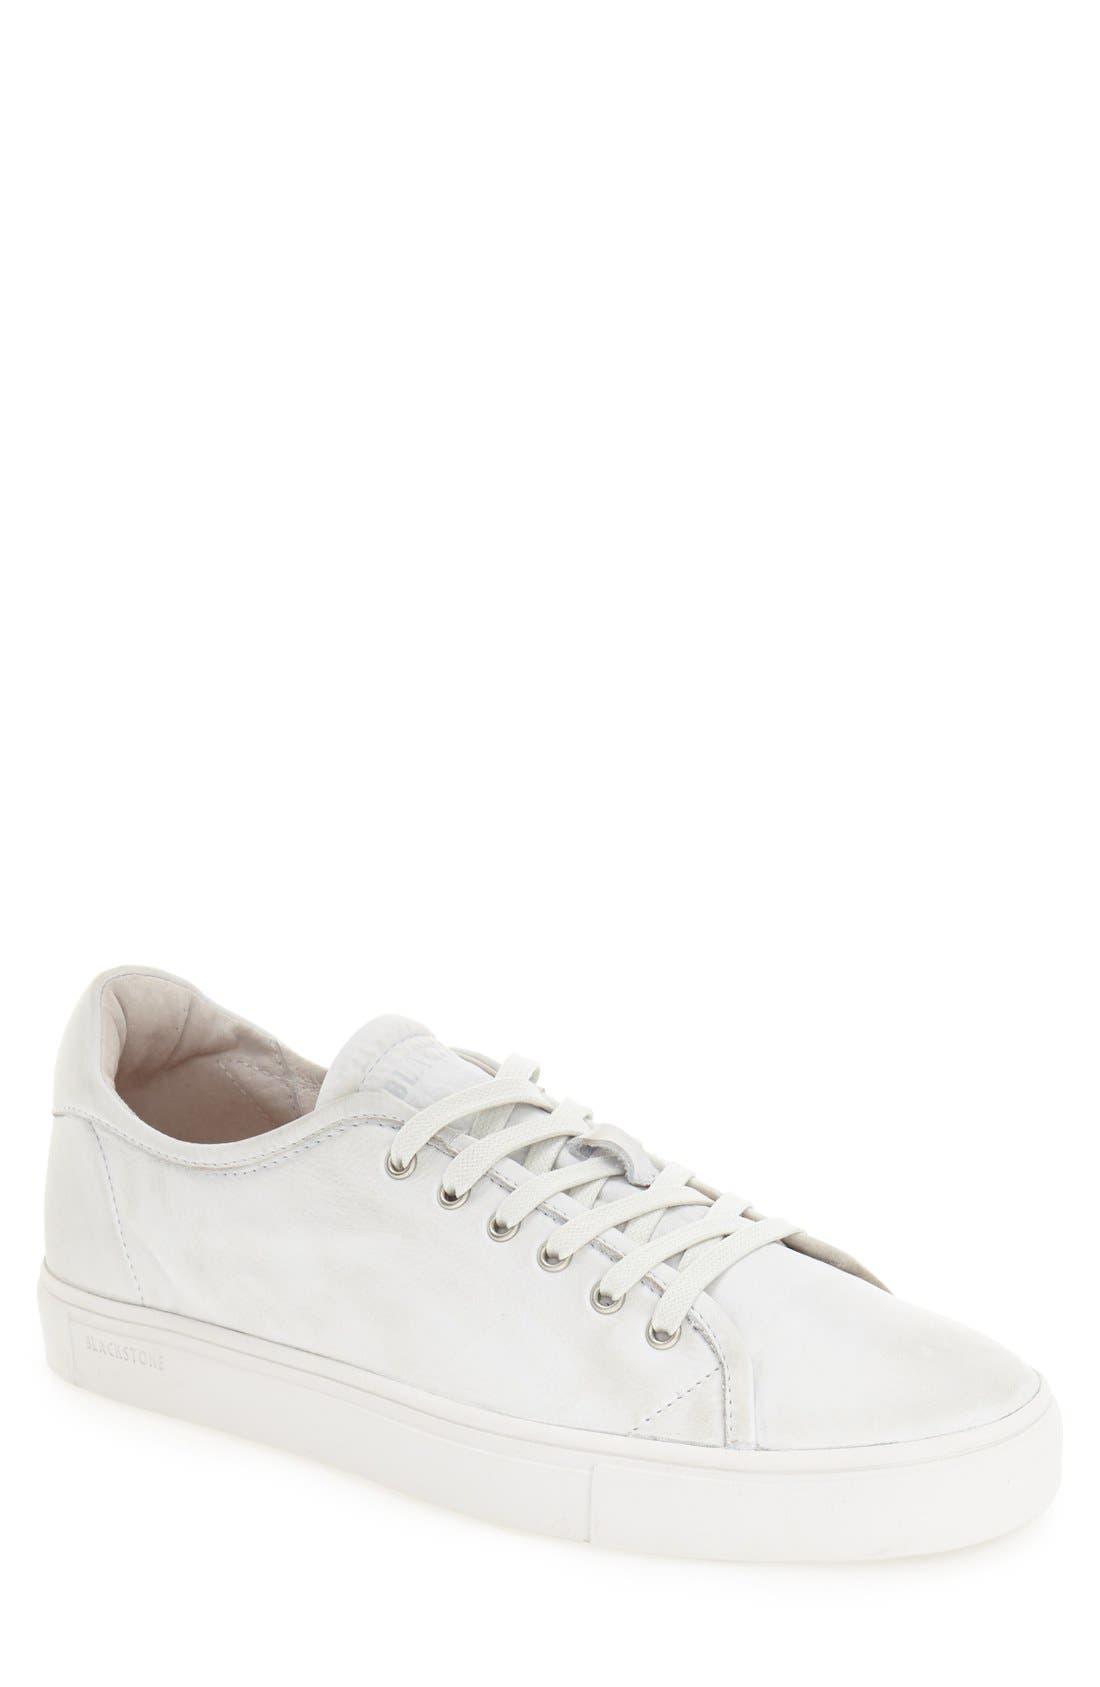 Alternate Image 1 Selected - Blacktone 'LM24' Sneaker (Men)